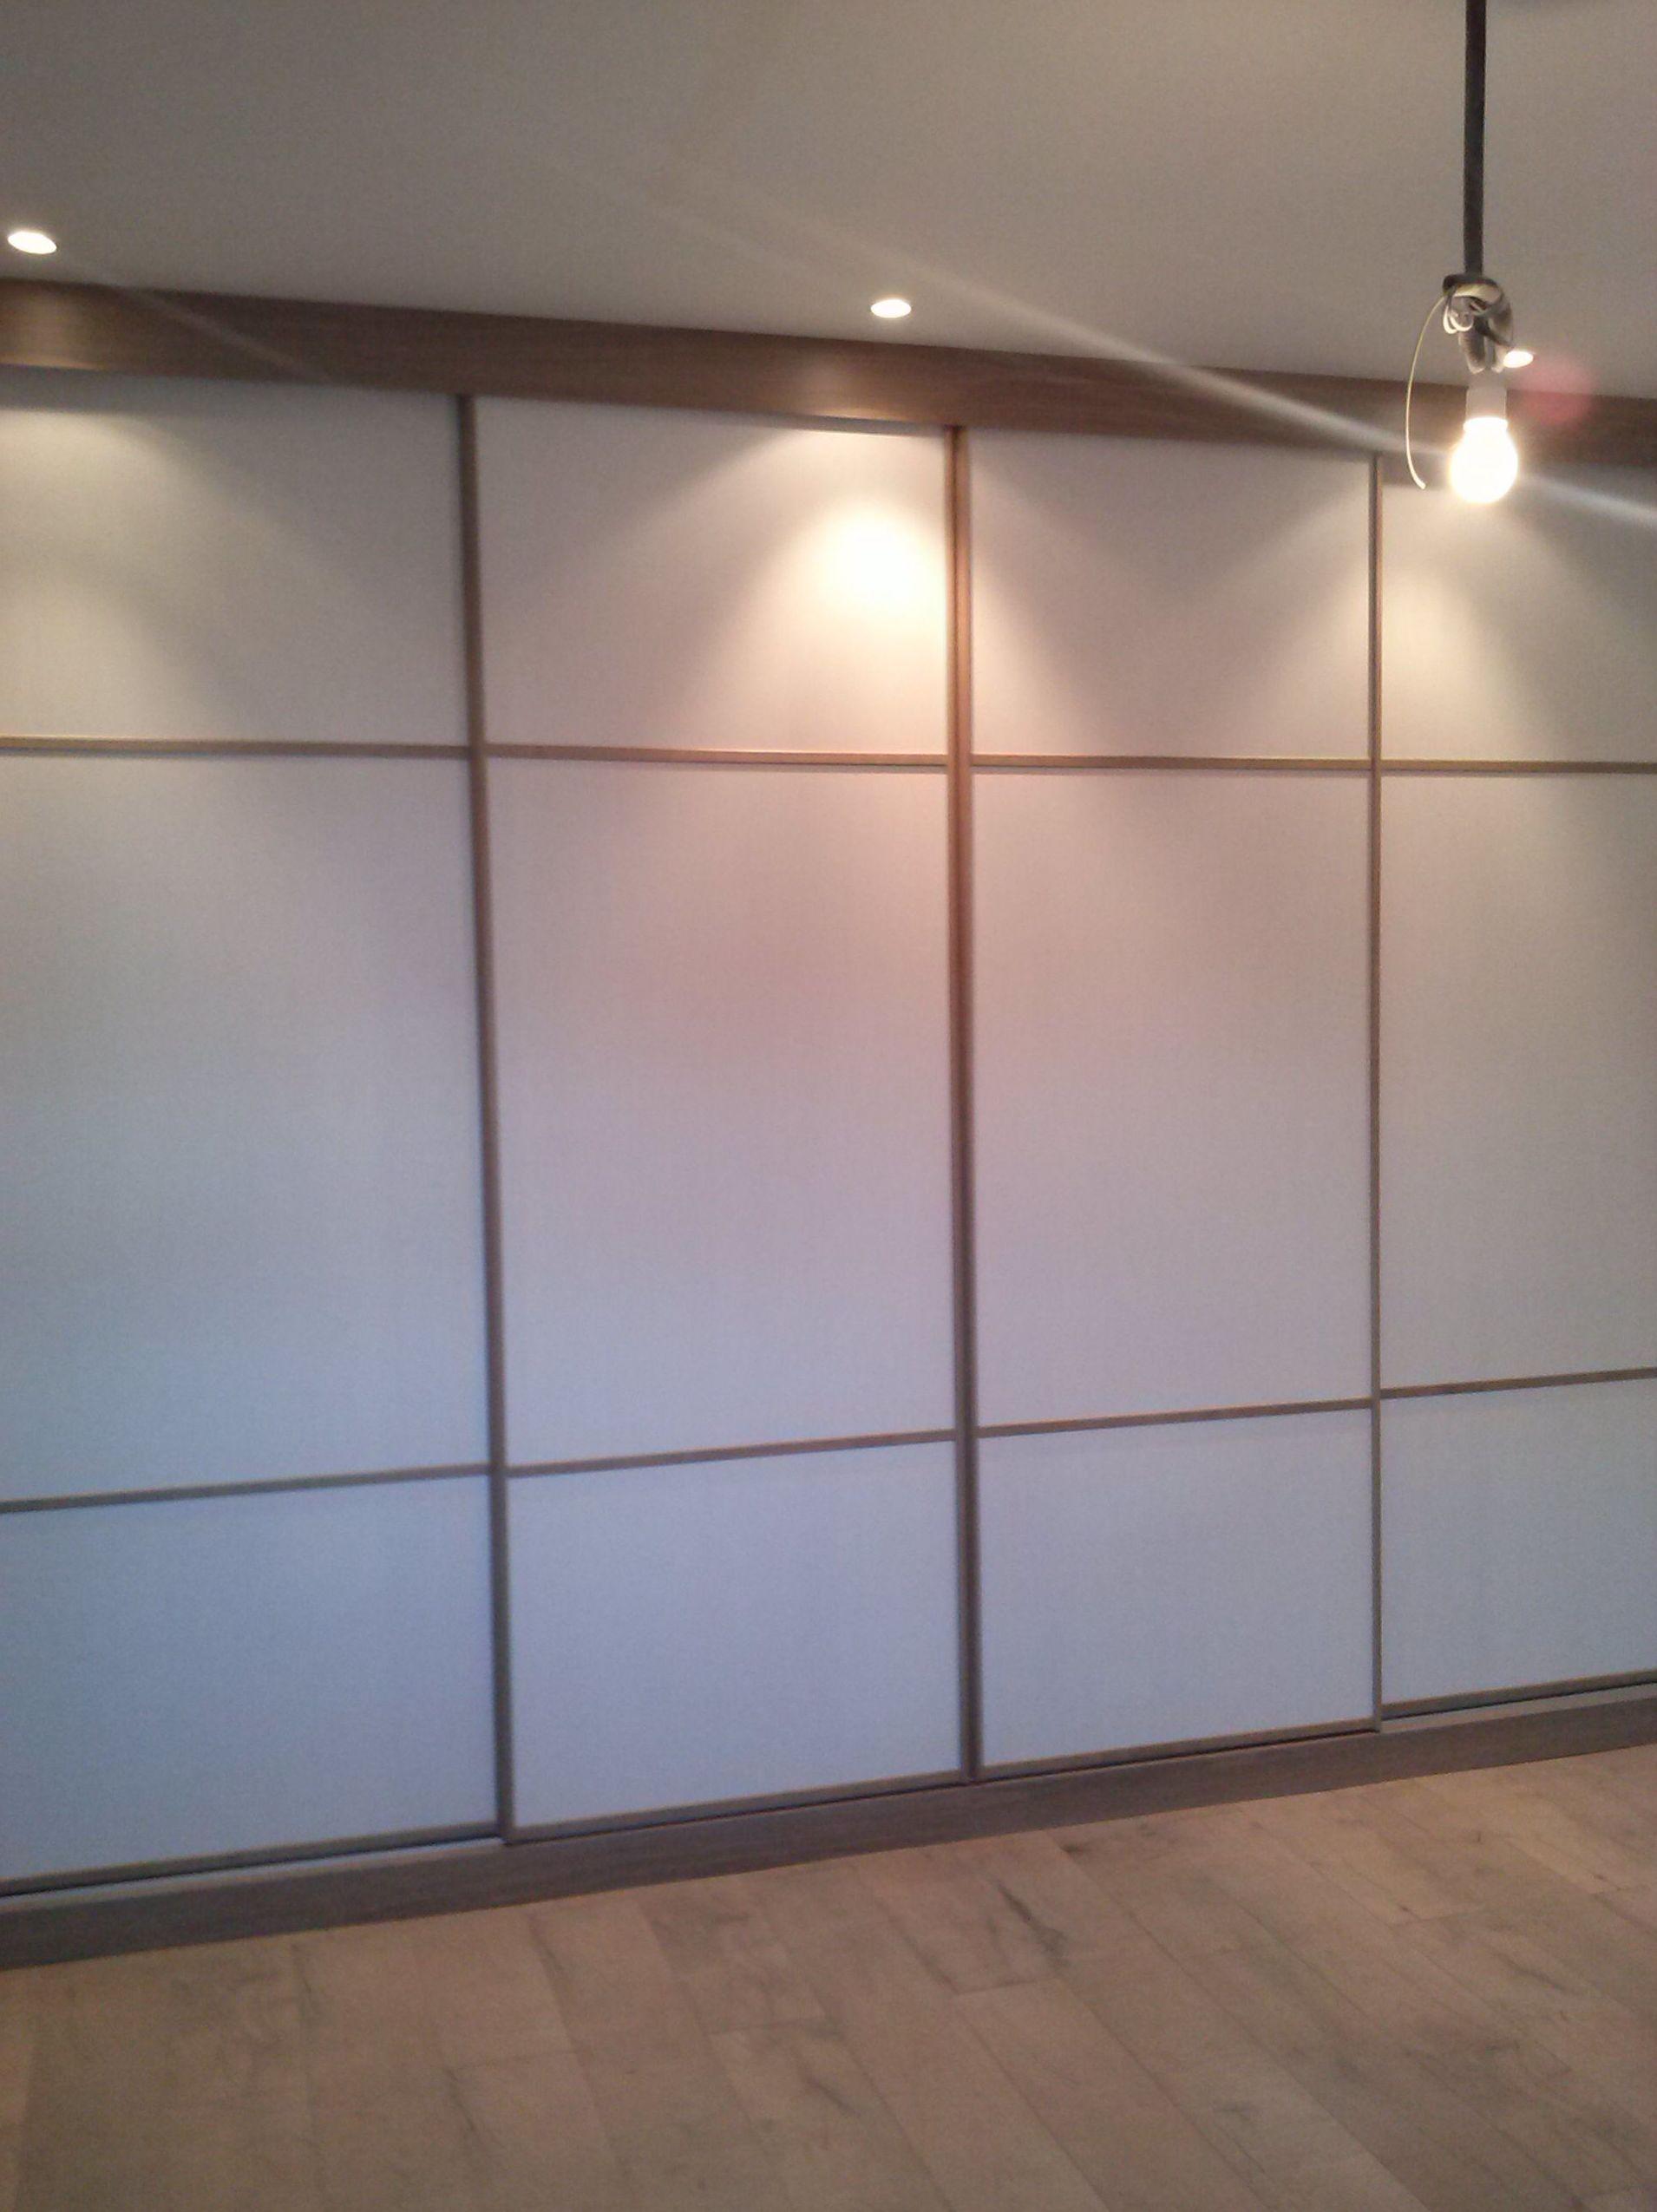 Puerta corredera armario empotrado finest armario empotrado de tres puertas correderas con - Puertas de cristal para armarios ...